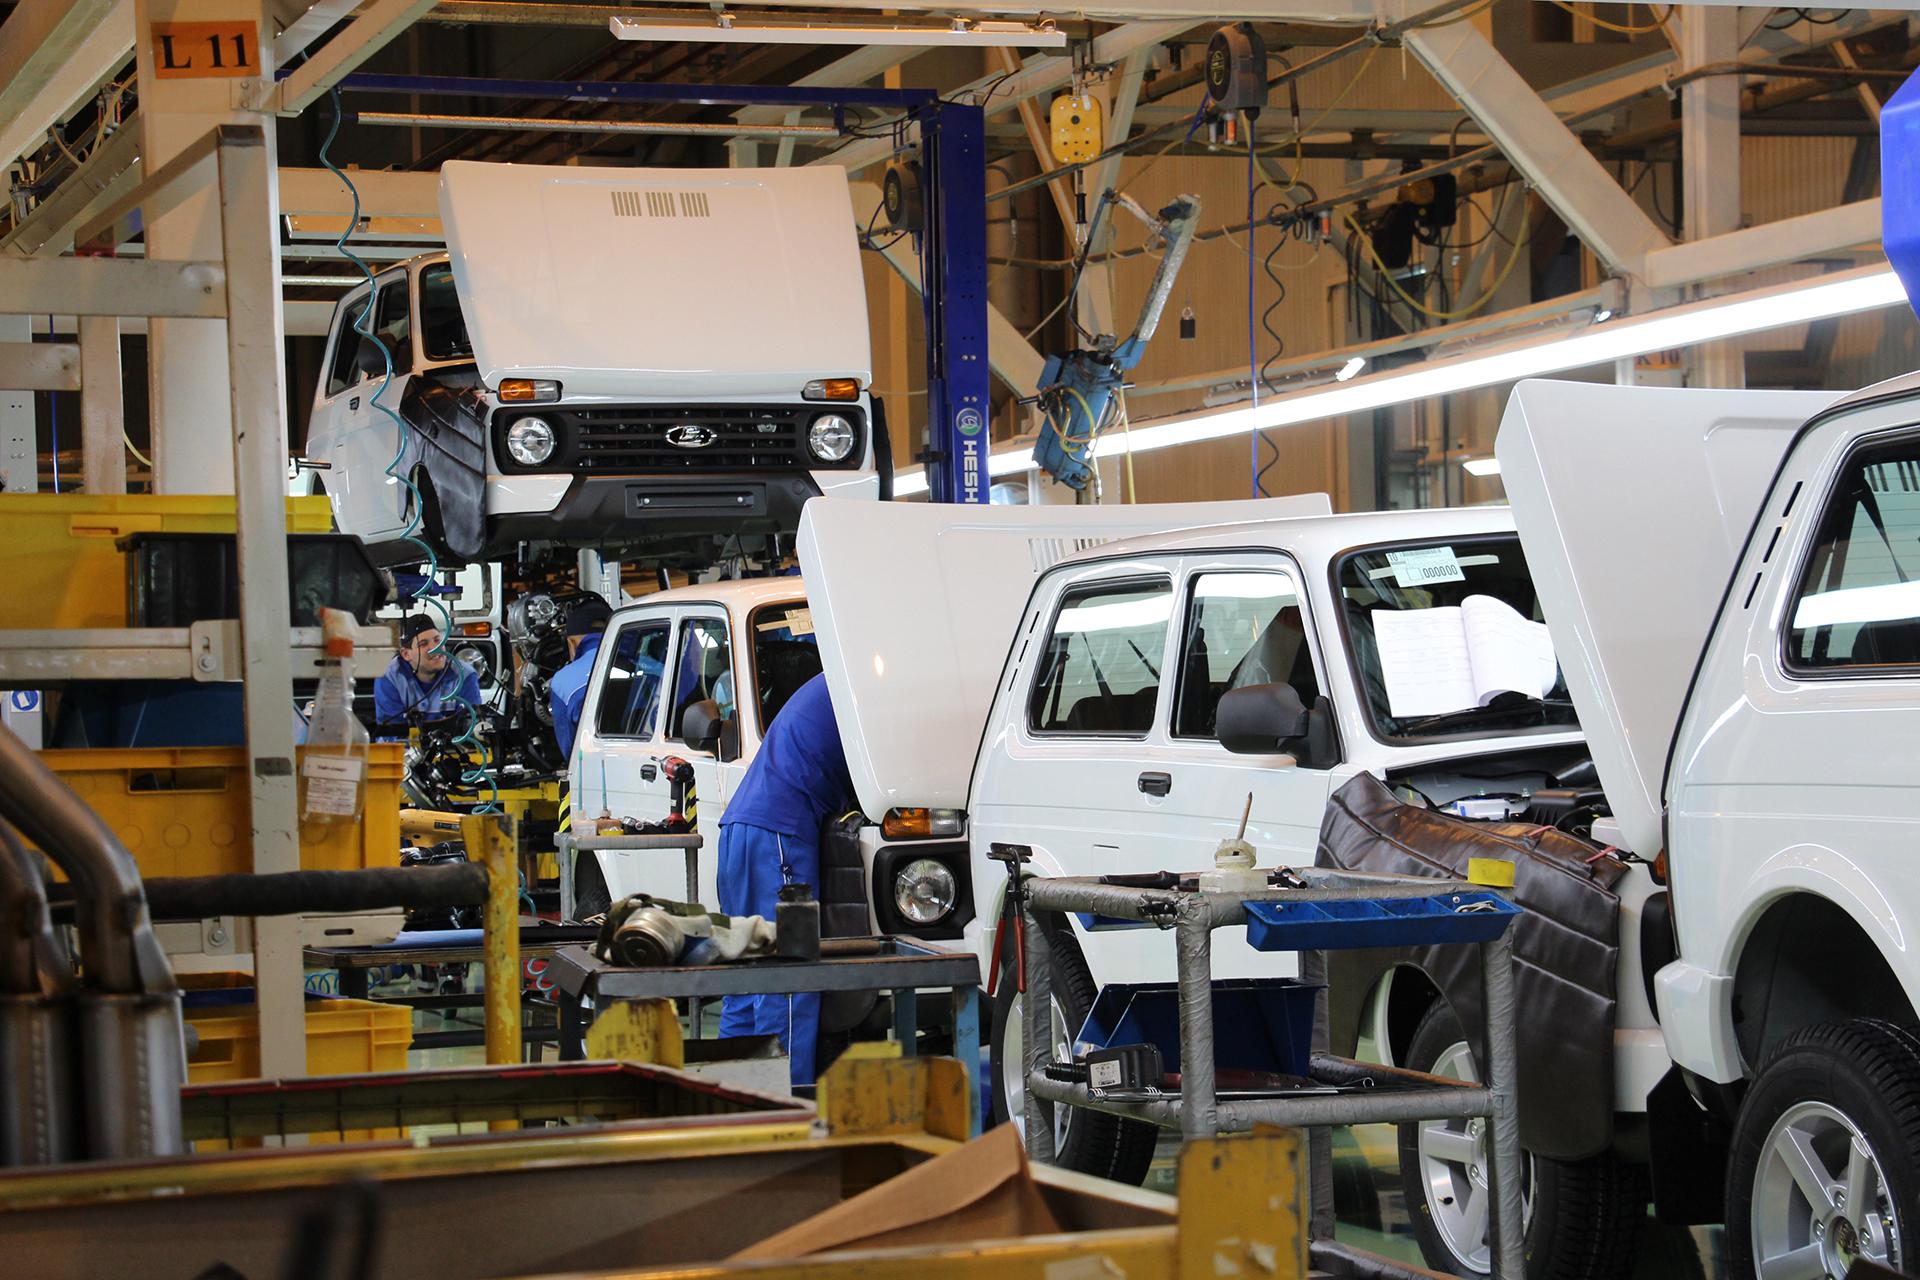 Сборка на конвейере автозавода автомобиля иллюстрирует процесс основные элементы ленточный конвейер